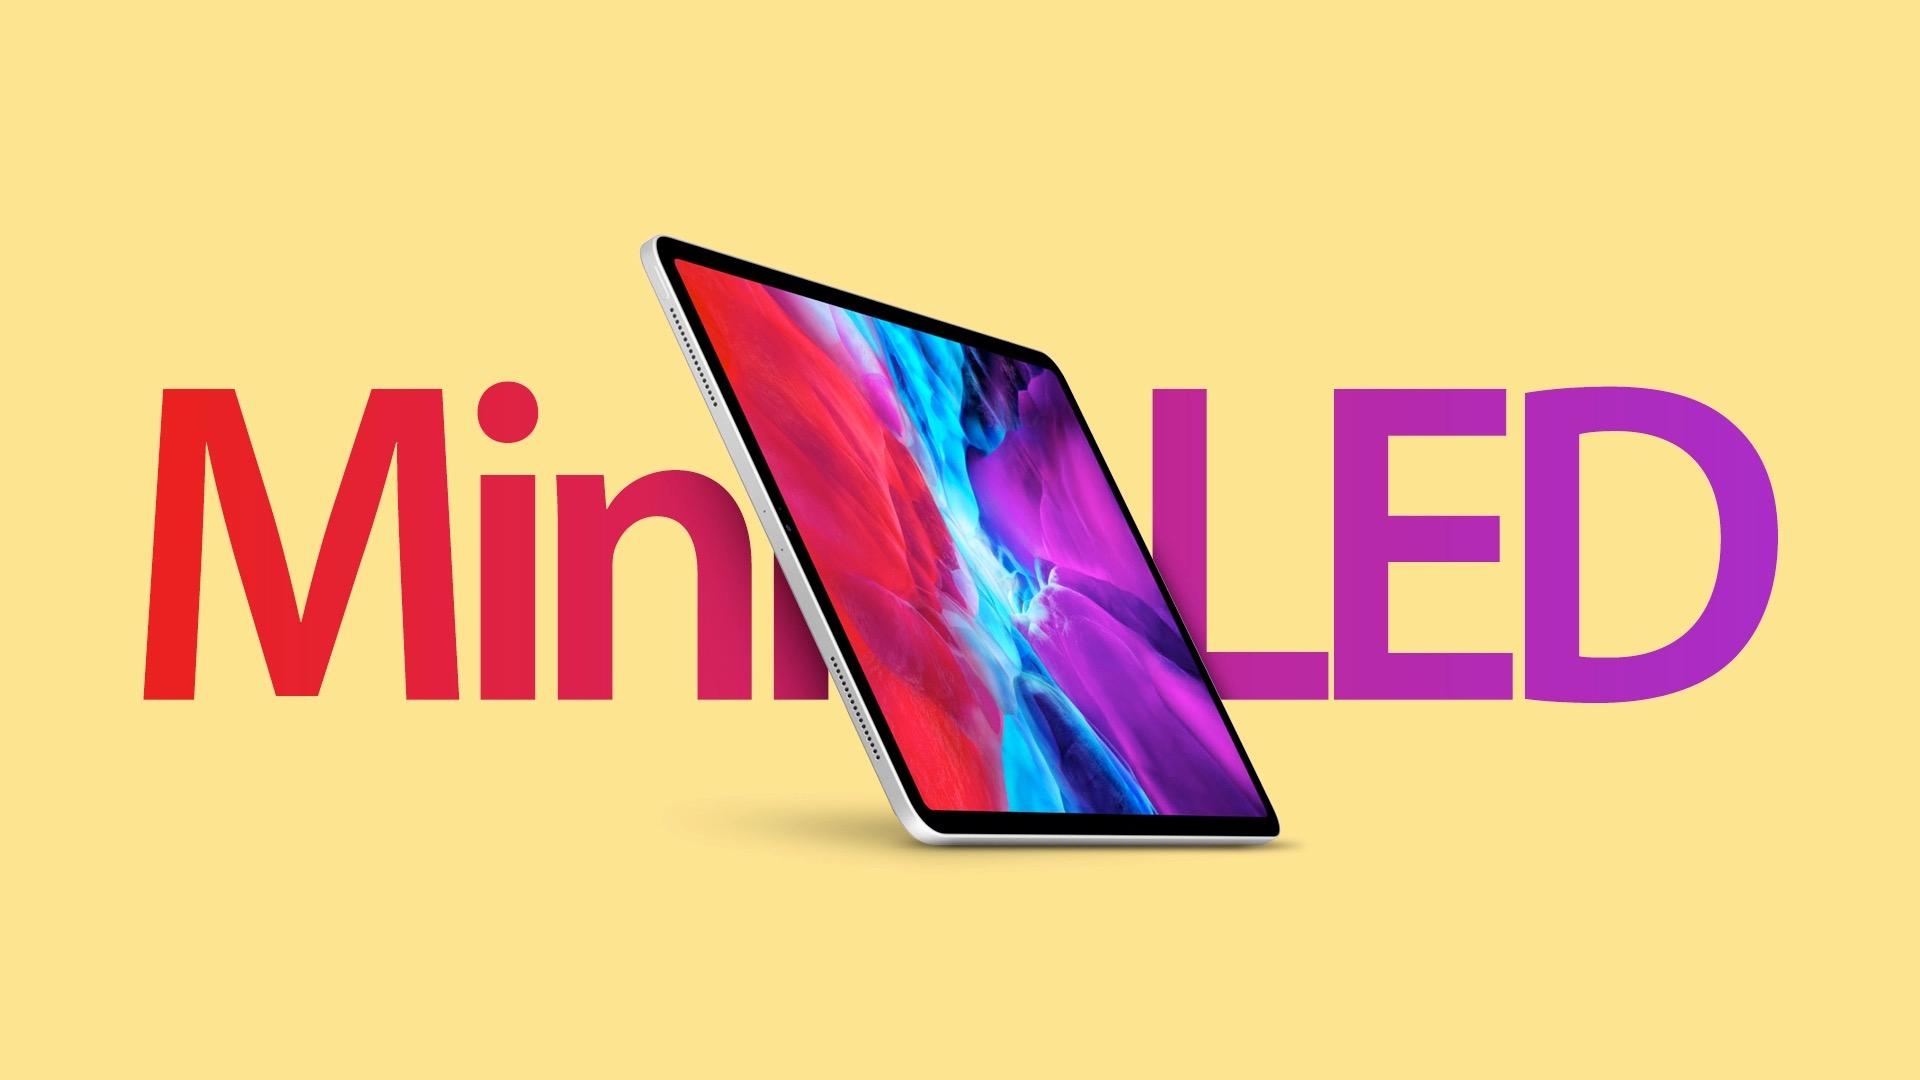 配备Mini-LED显示屏技术的12.9英寸iPad Pro将于明年第一季度推出